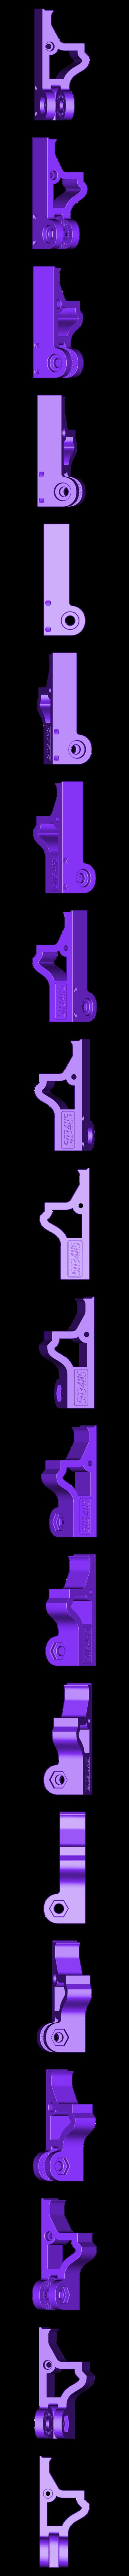 xAxisBracket_F.STL Télécharger fichier STL gratuit Monture de caméra articulée Raspberry Pi pour Prusa MK3 • Design à imprimer en 3D, sneaks